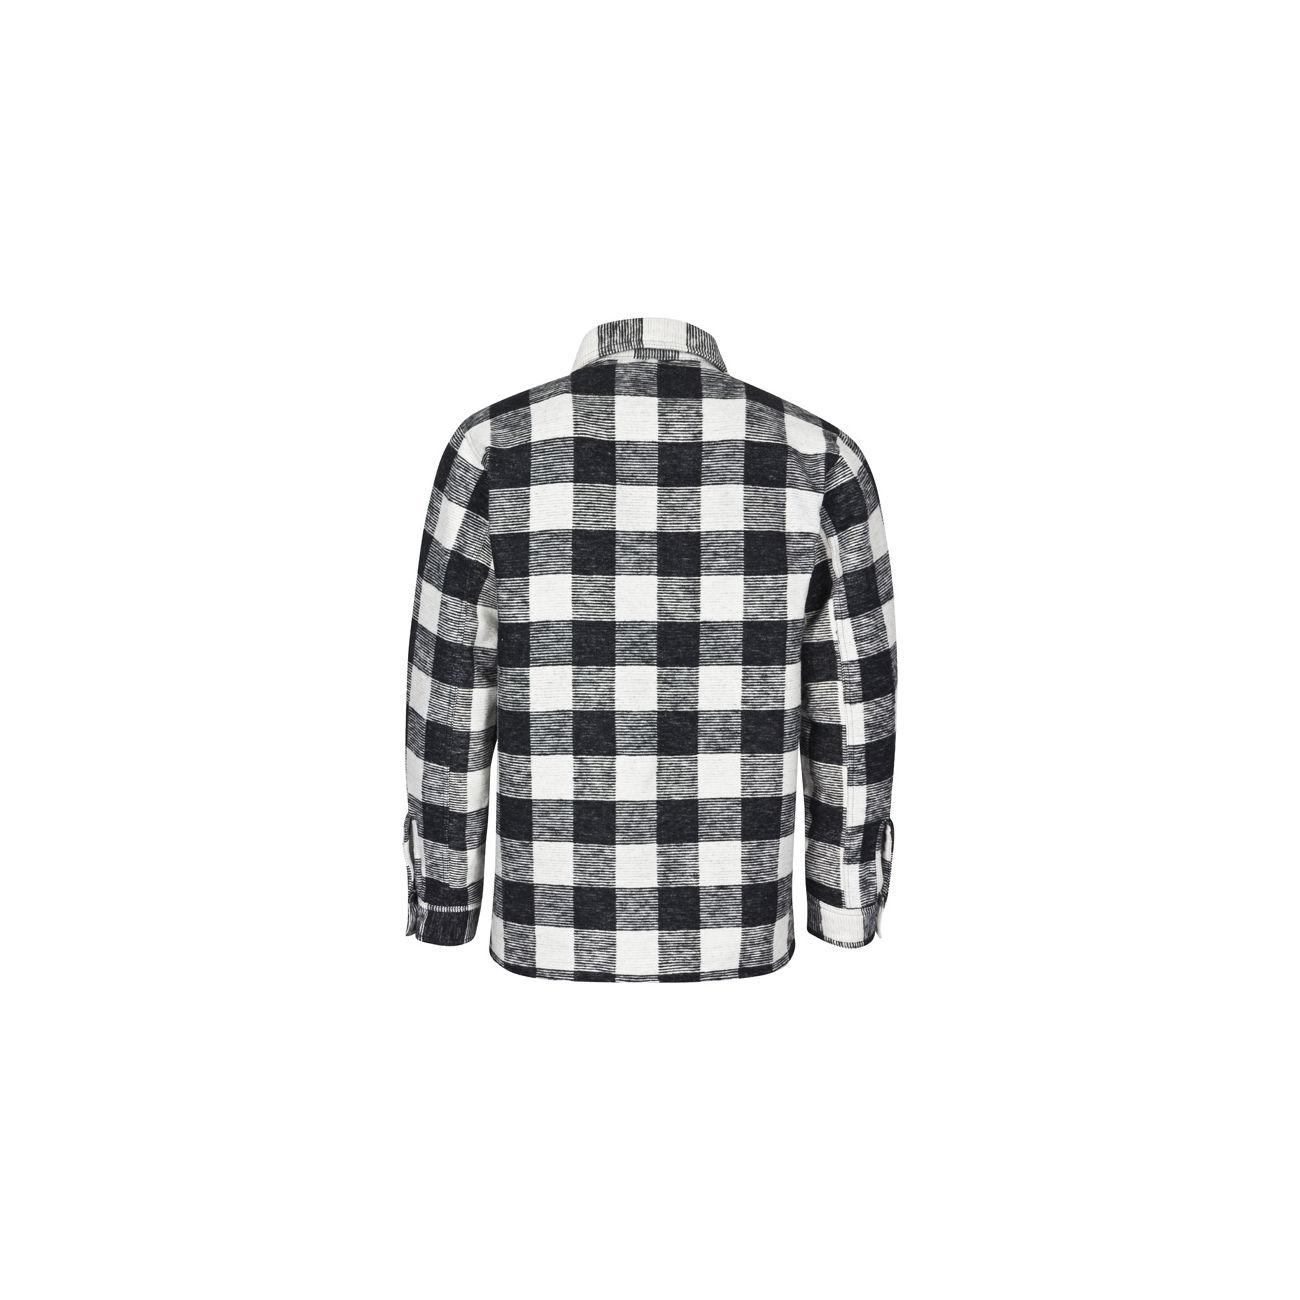 Holzfällerhemd Schwarz Weiß